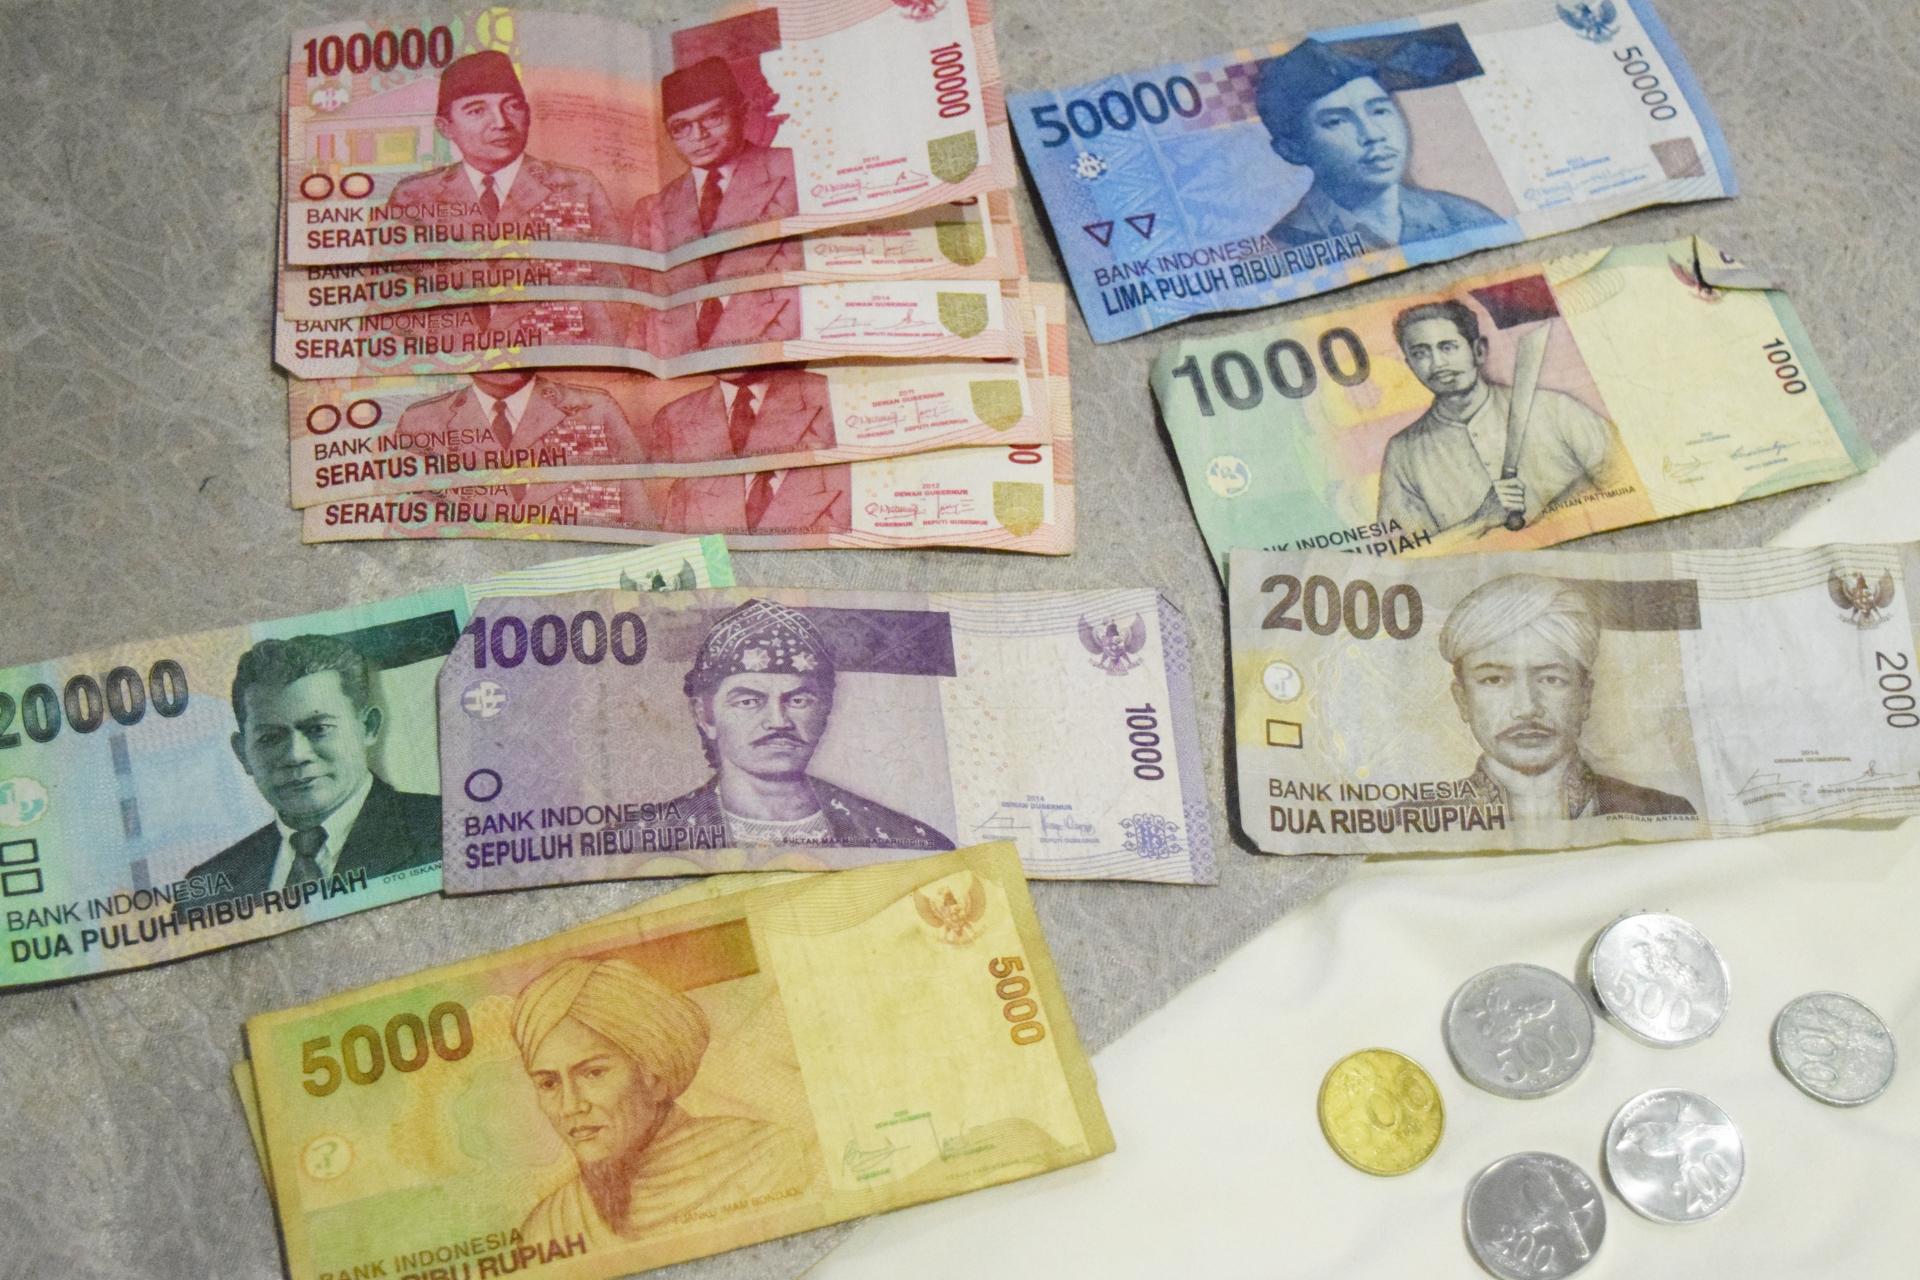 インドネシアの物価は安い?通貨・食費などの情報をご紹介!